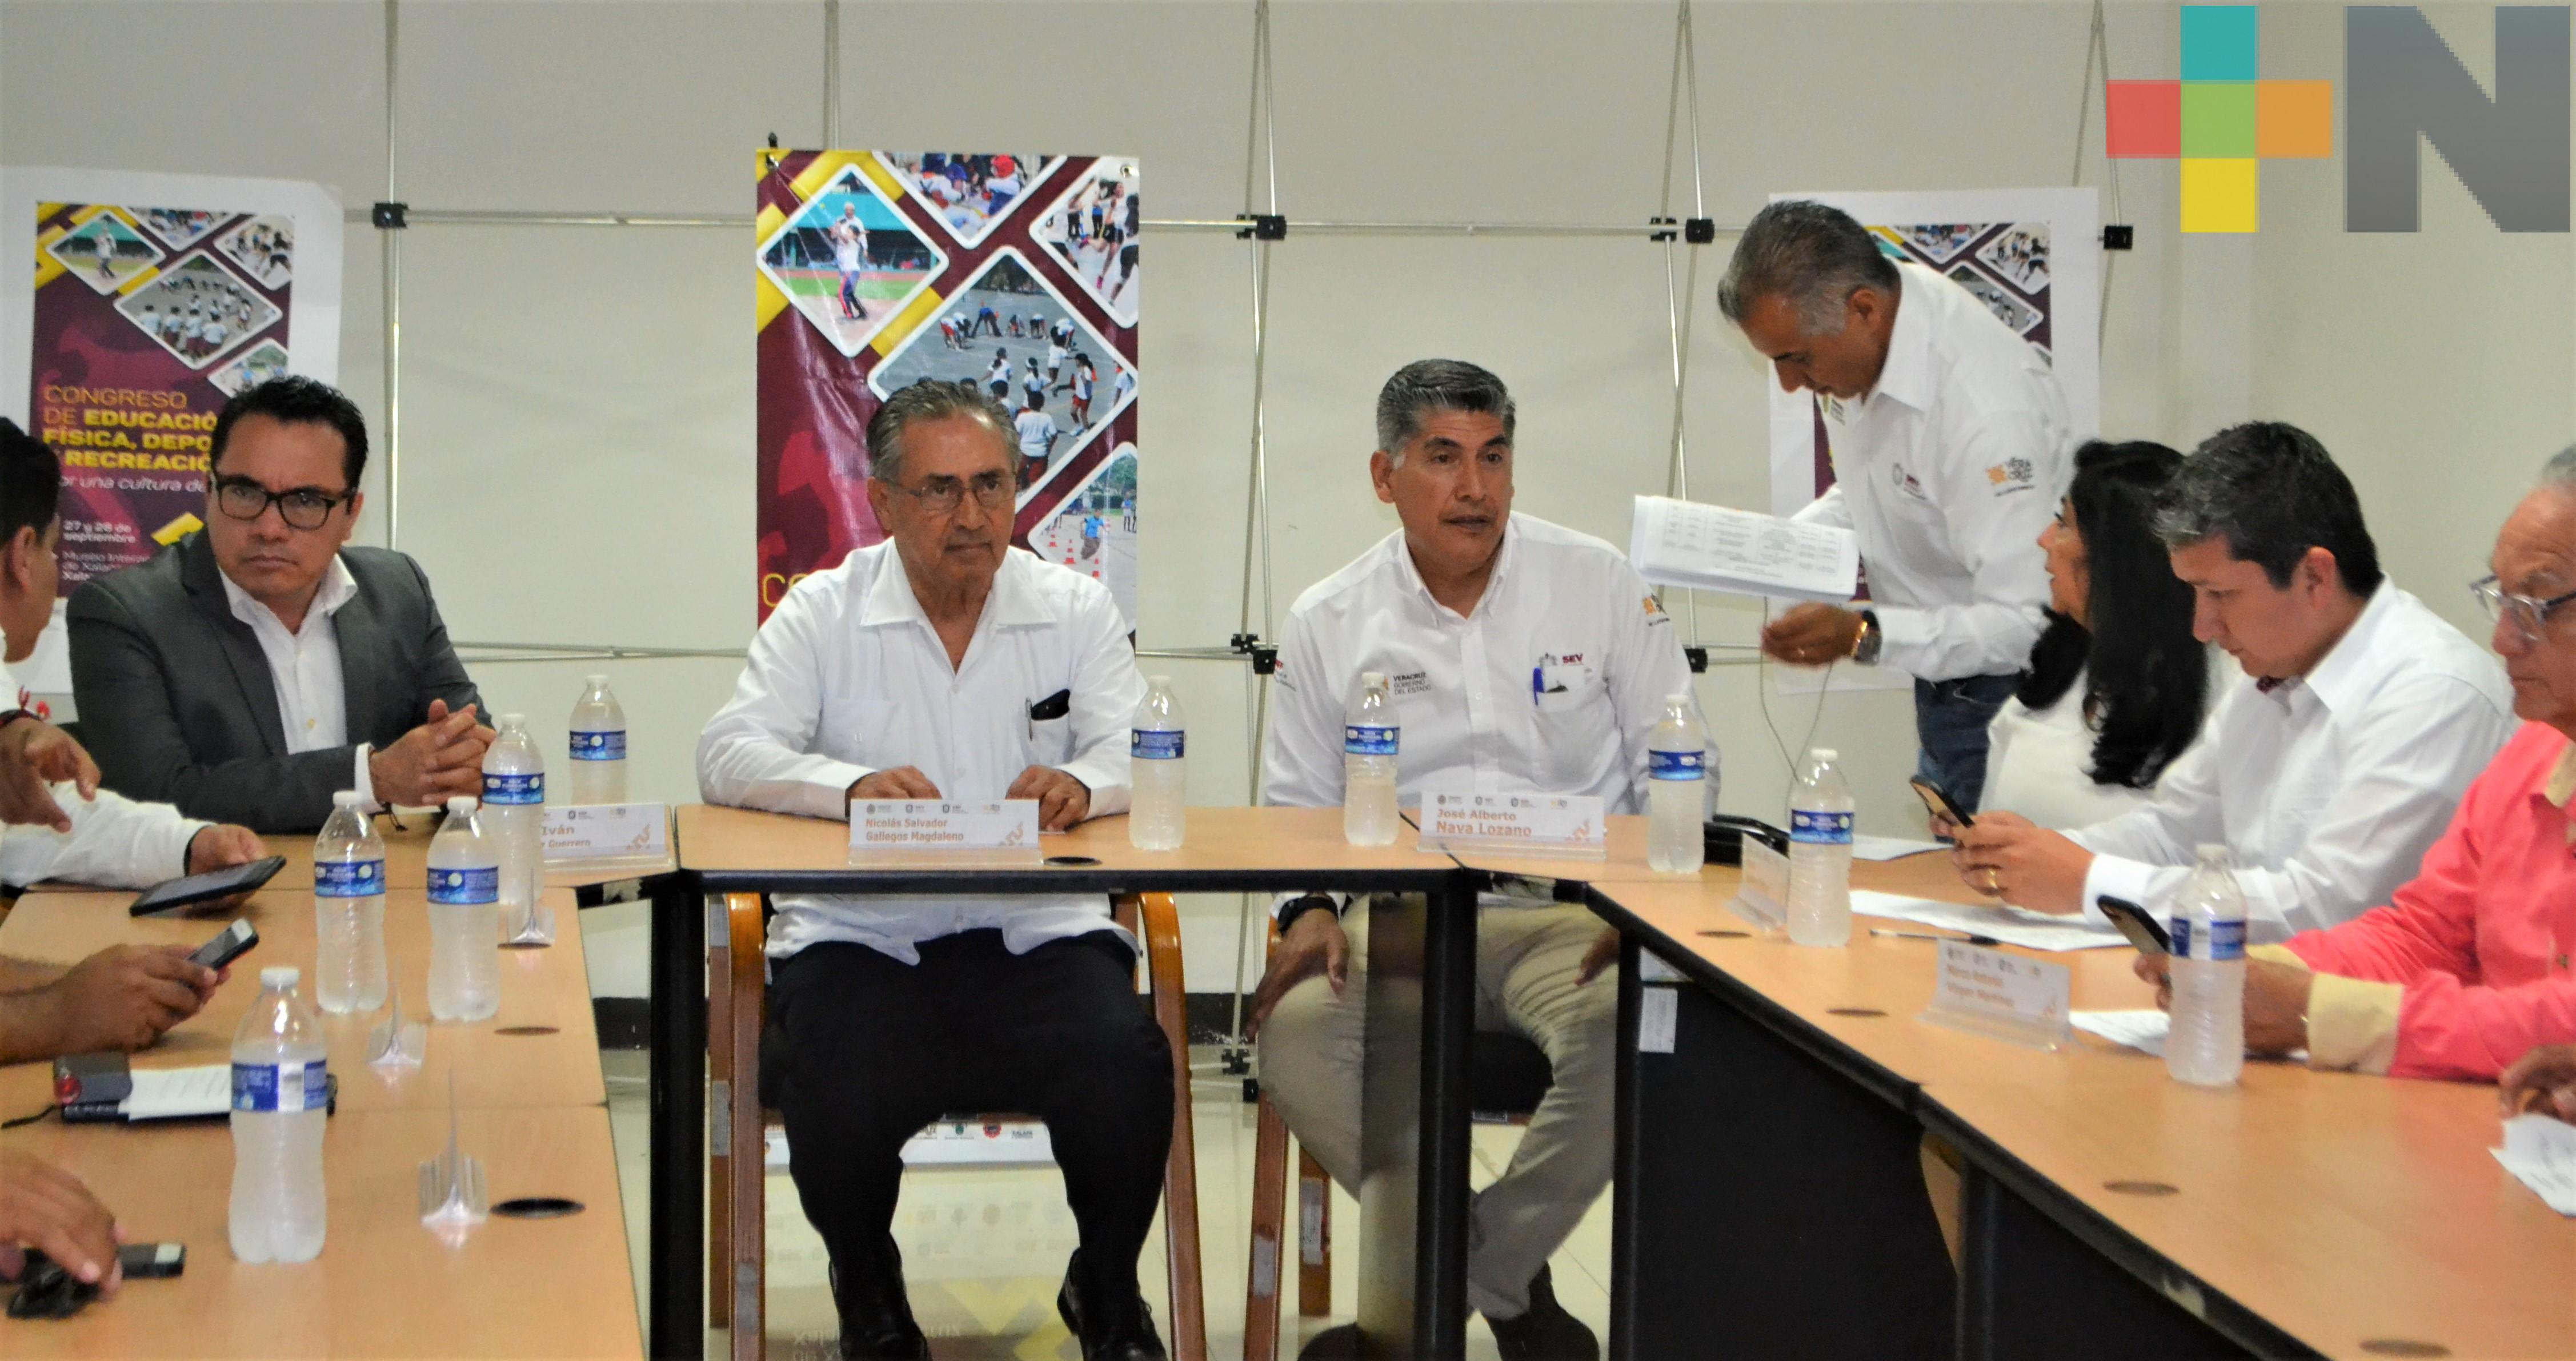 Presentan programa del Congreso Nacional de Educación Física